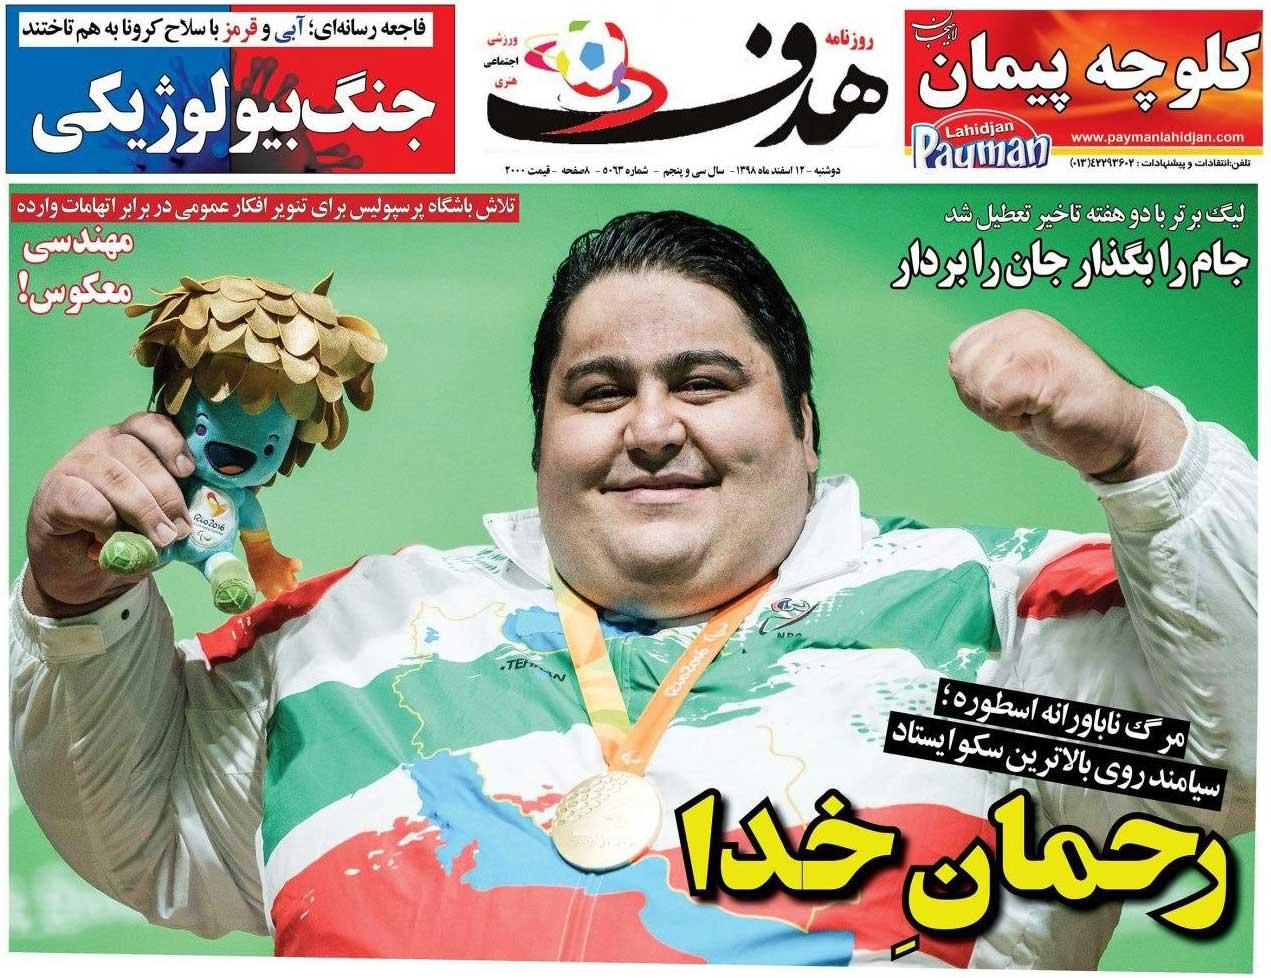 صفحه اول روزنامه هدف دوشنبه ۱۲ اسفند ۹۸